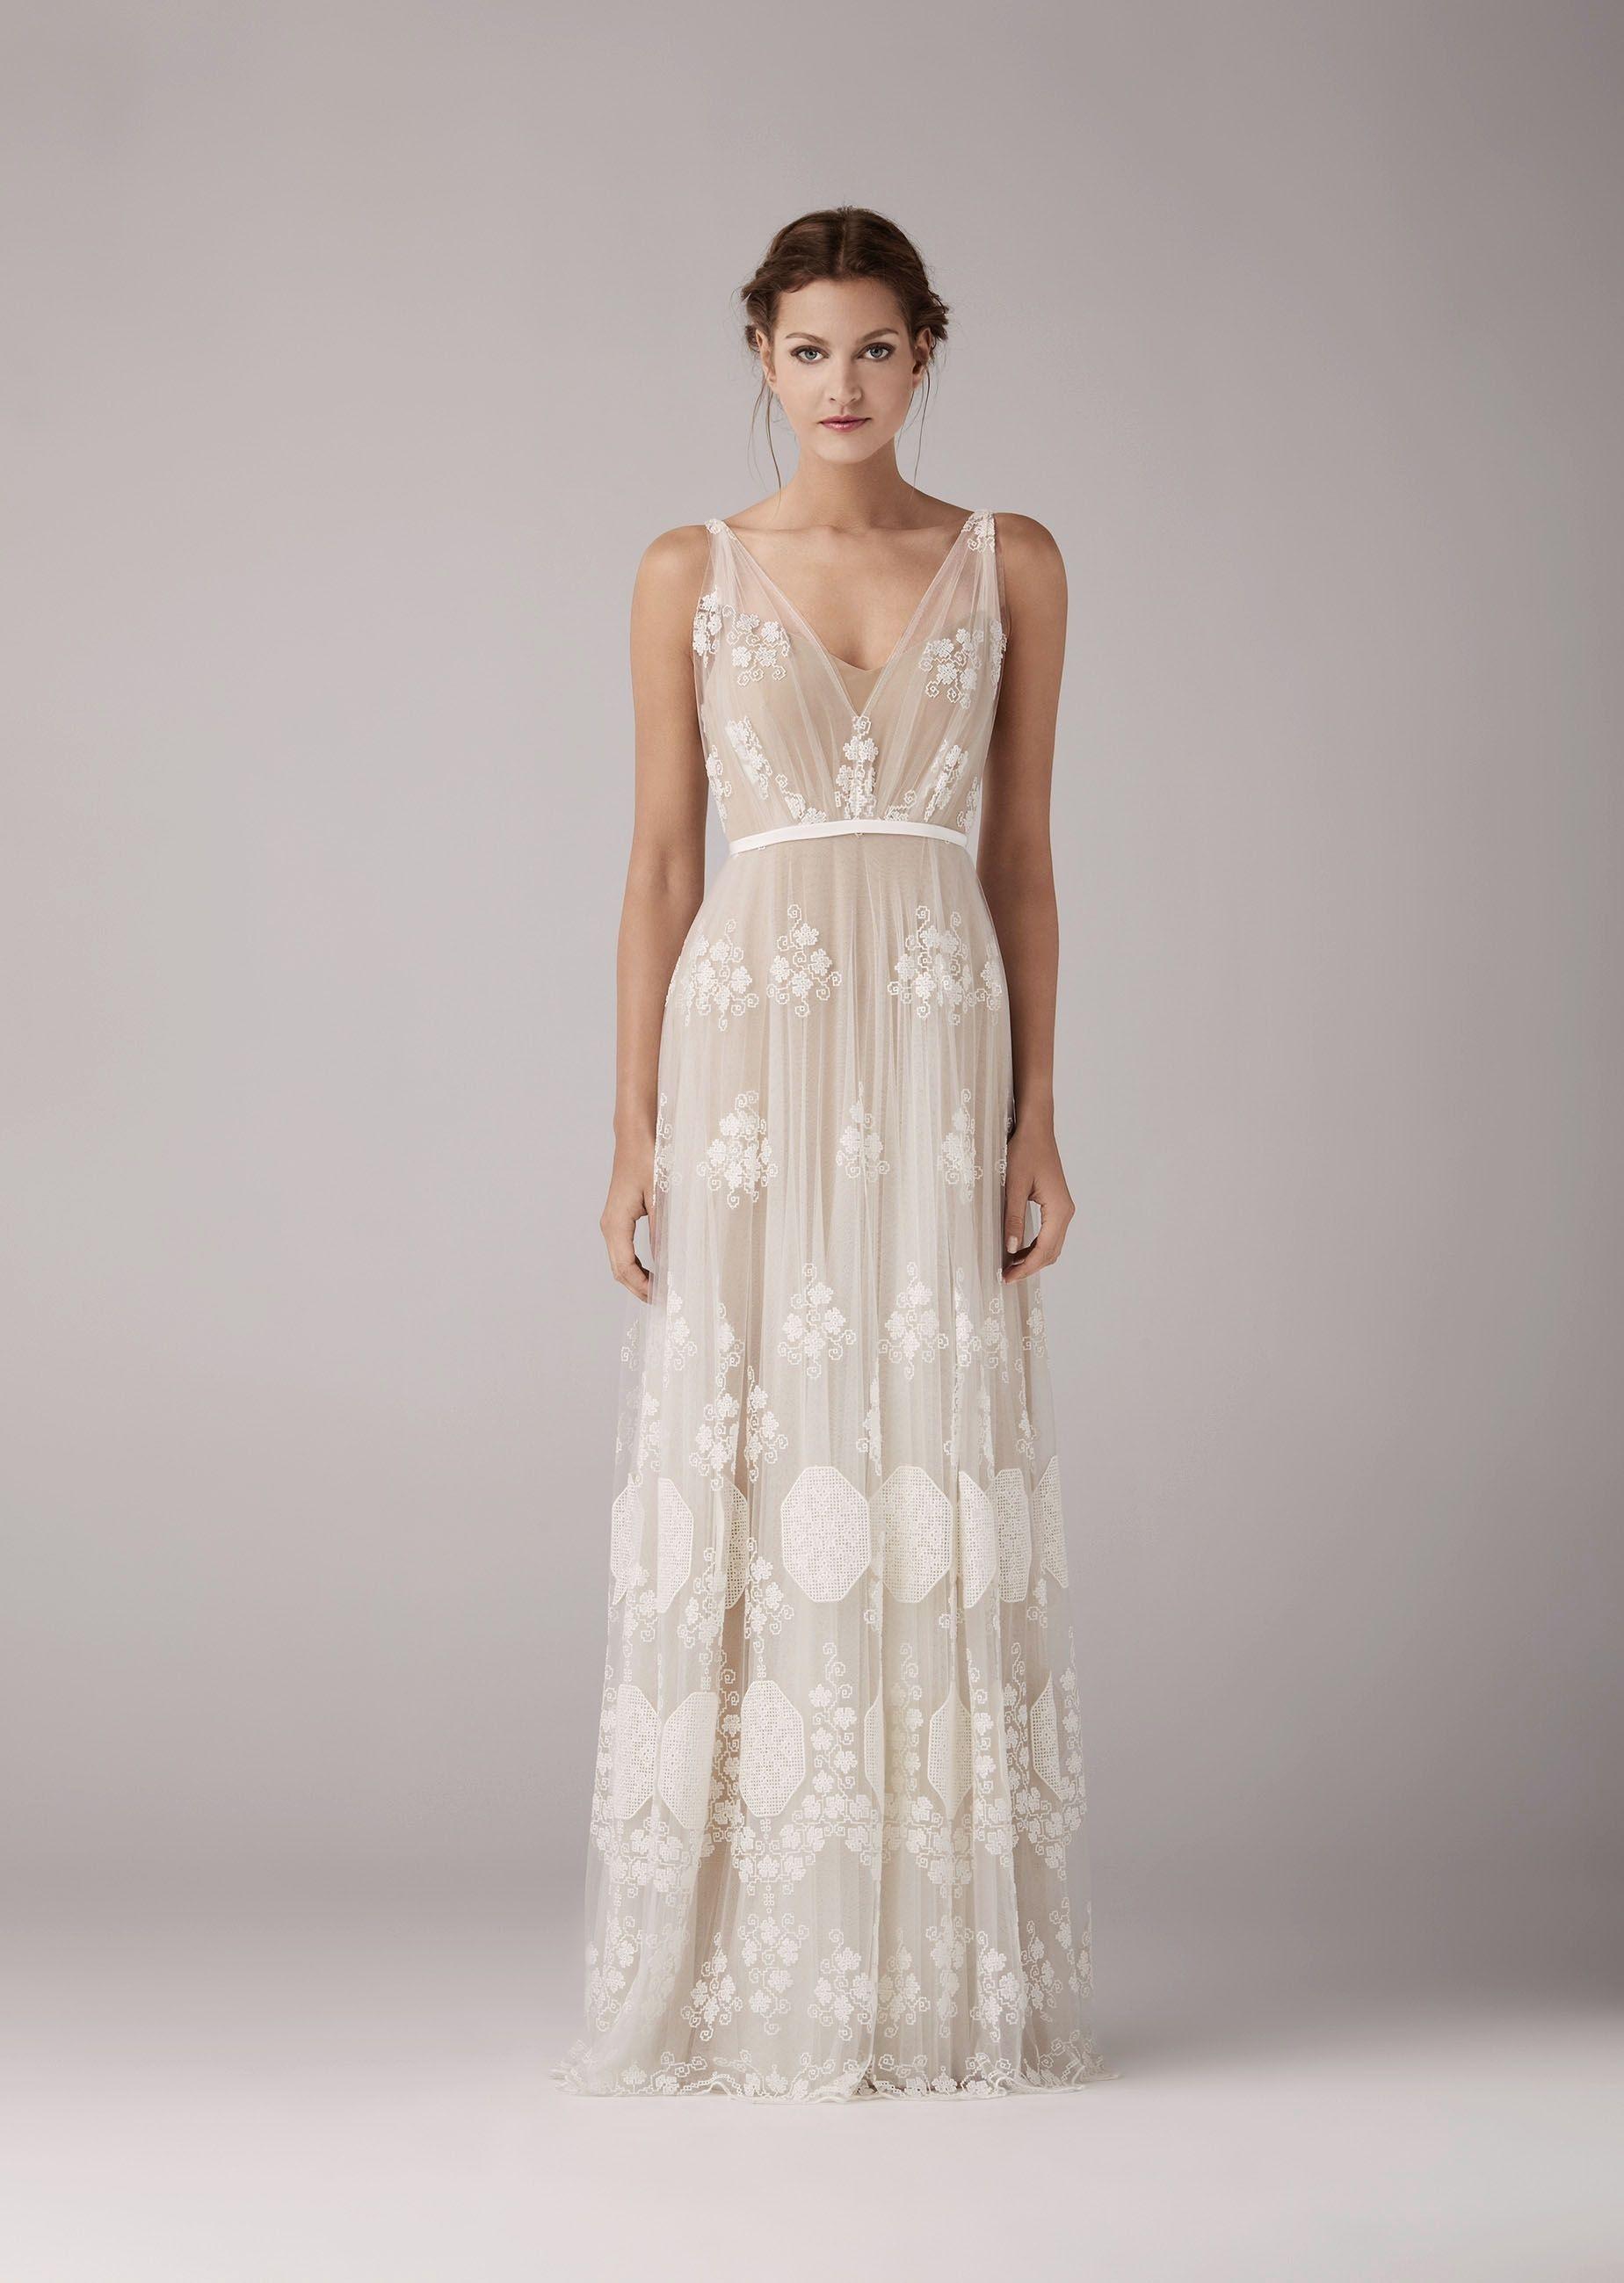 13 Kreativ Schlichte Hochzeitskleider GalerieFormal Fantastisch Schlichte Hochzeitskleider für 2019